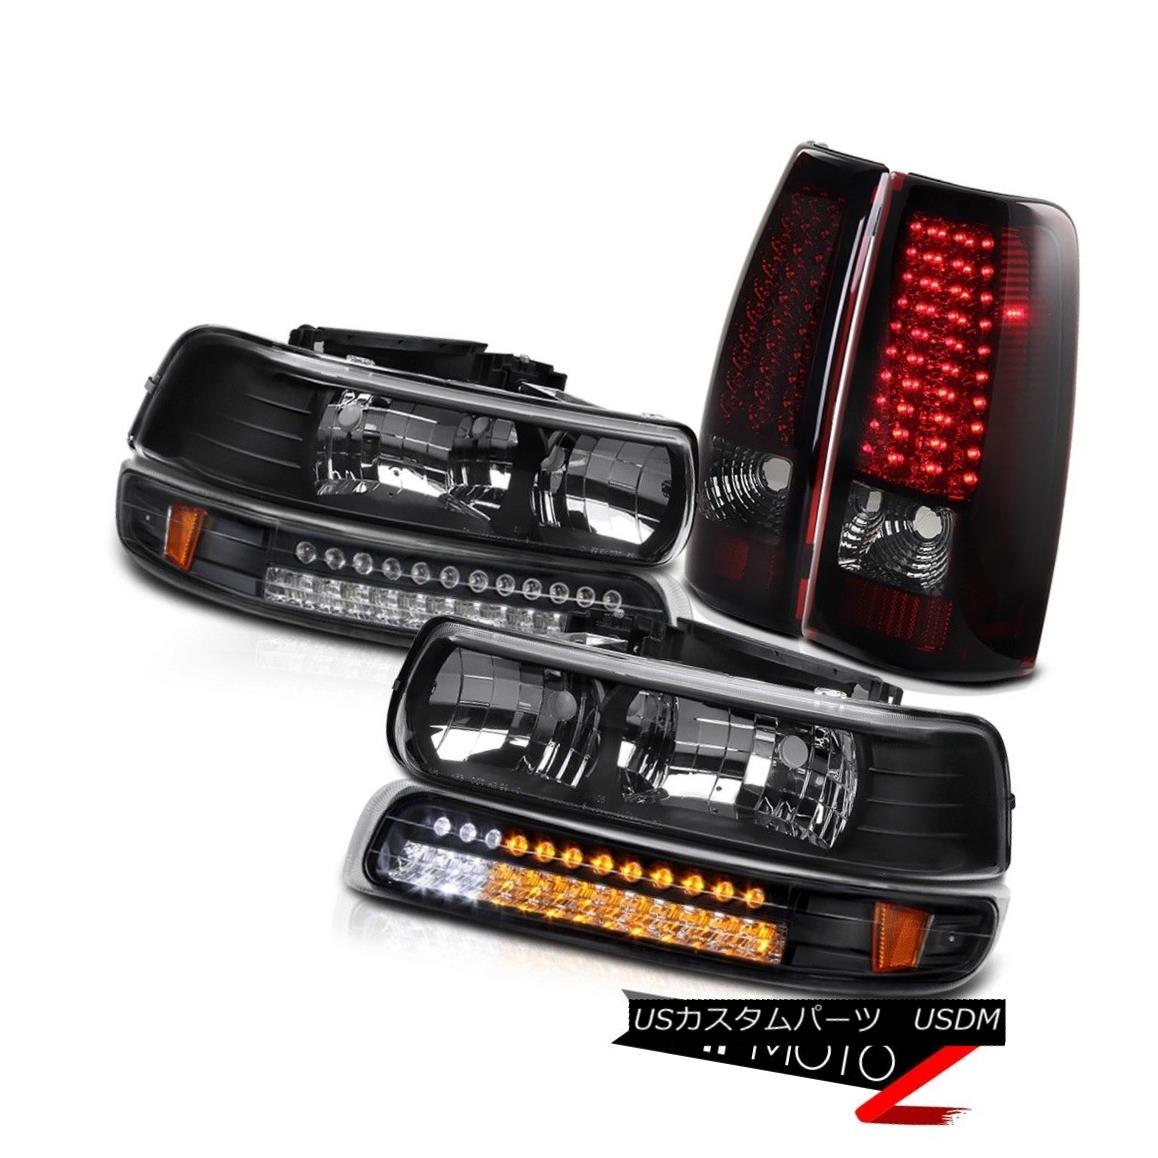 ヘッドライト VORTEC V8 LED Signal Running Parking Light Headlight Tail Light Smoke L.E.D Red VORTEC V8 LED信号駐車ライトヘッドライトテールライトスモールL.E.Dレッド